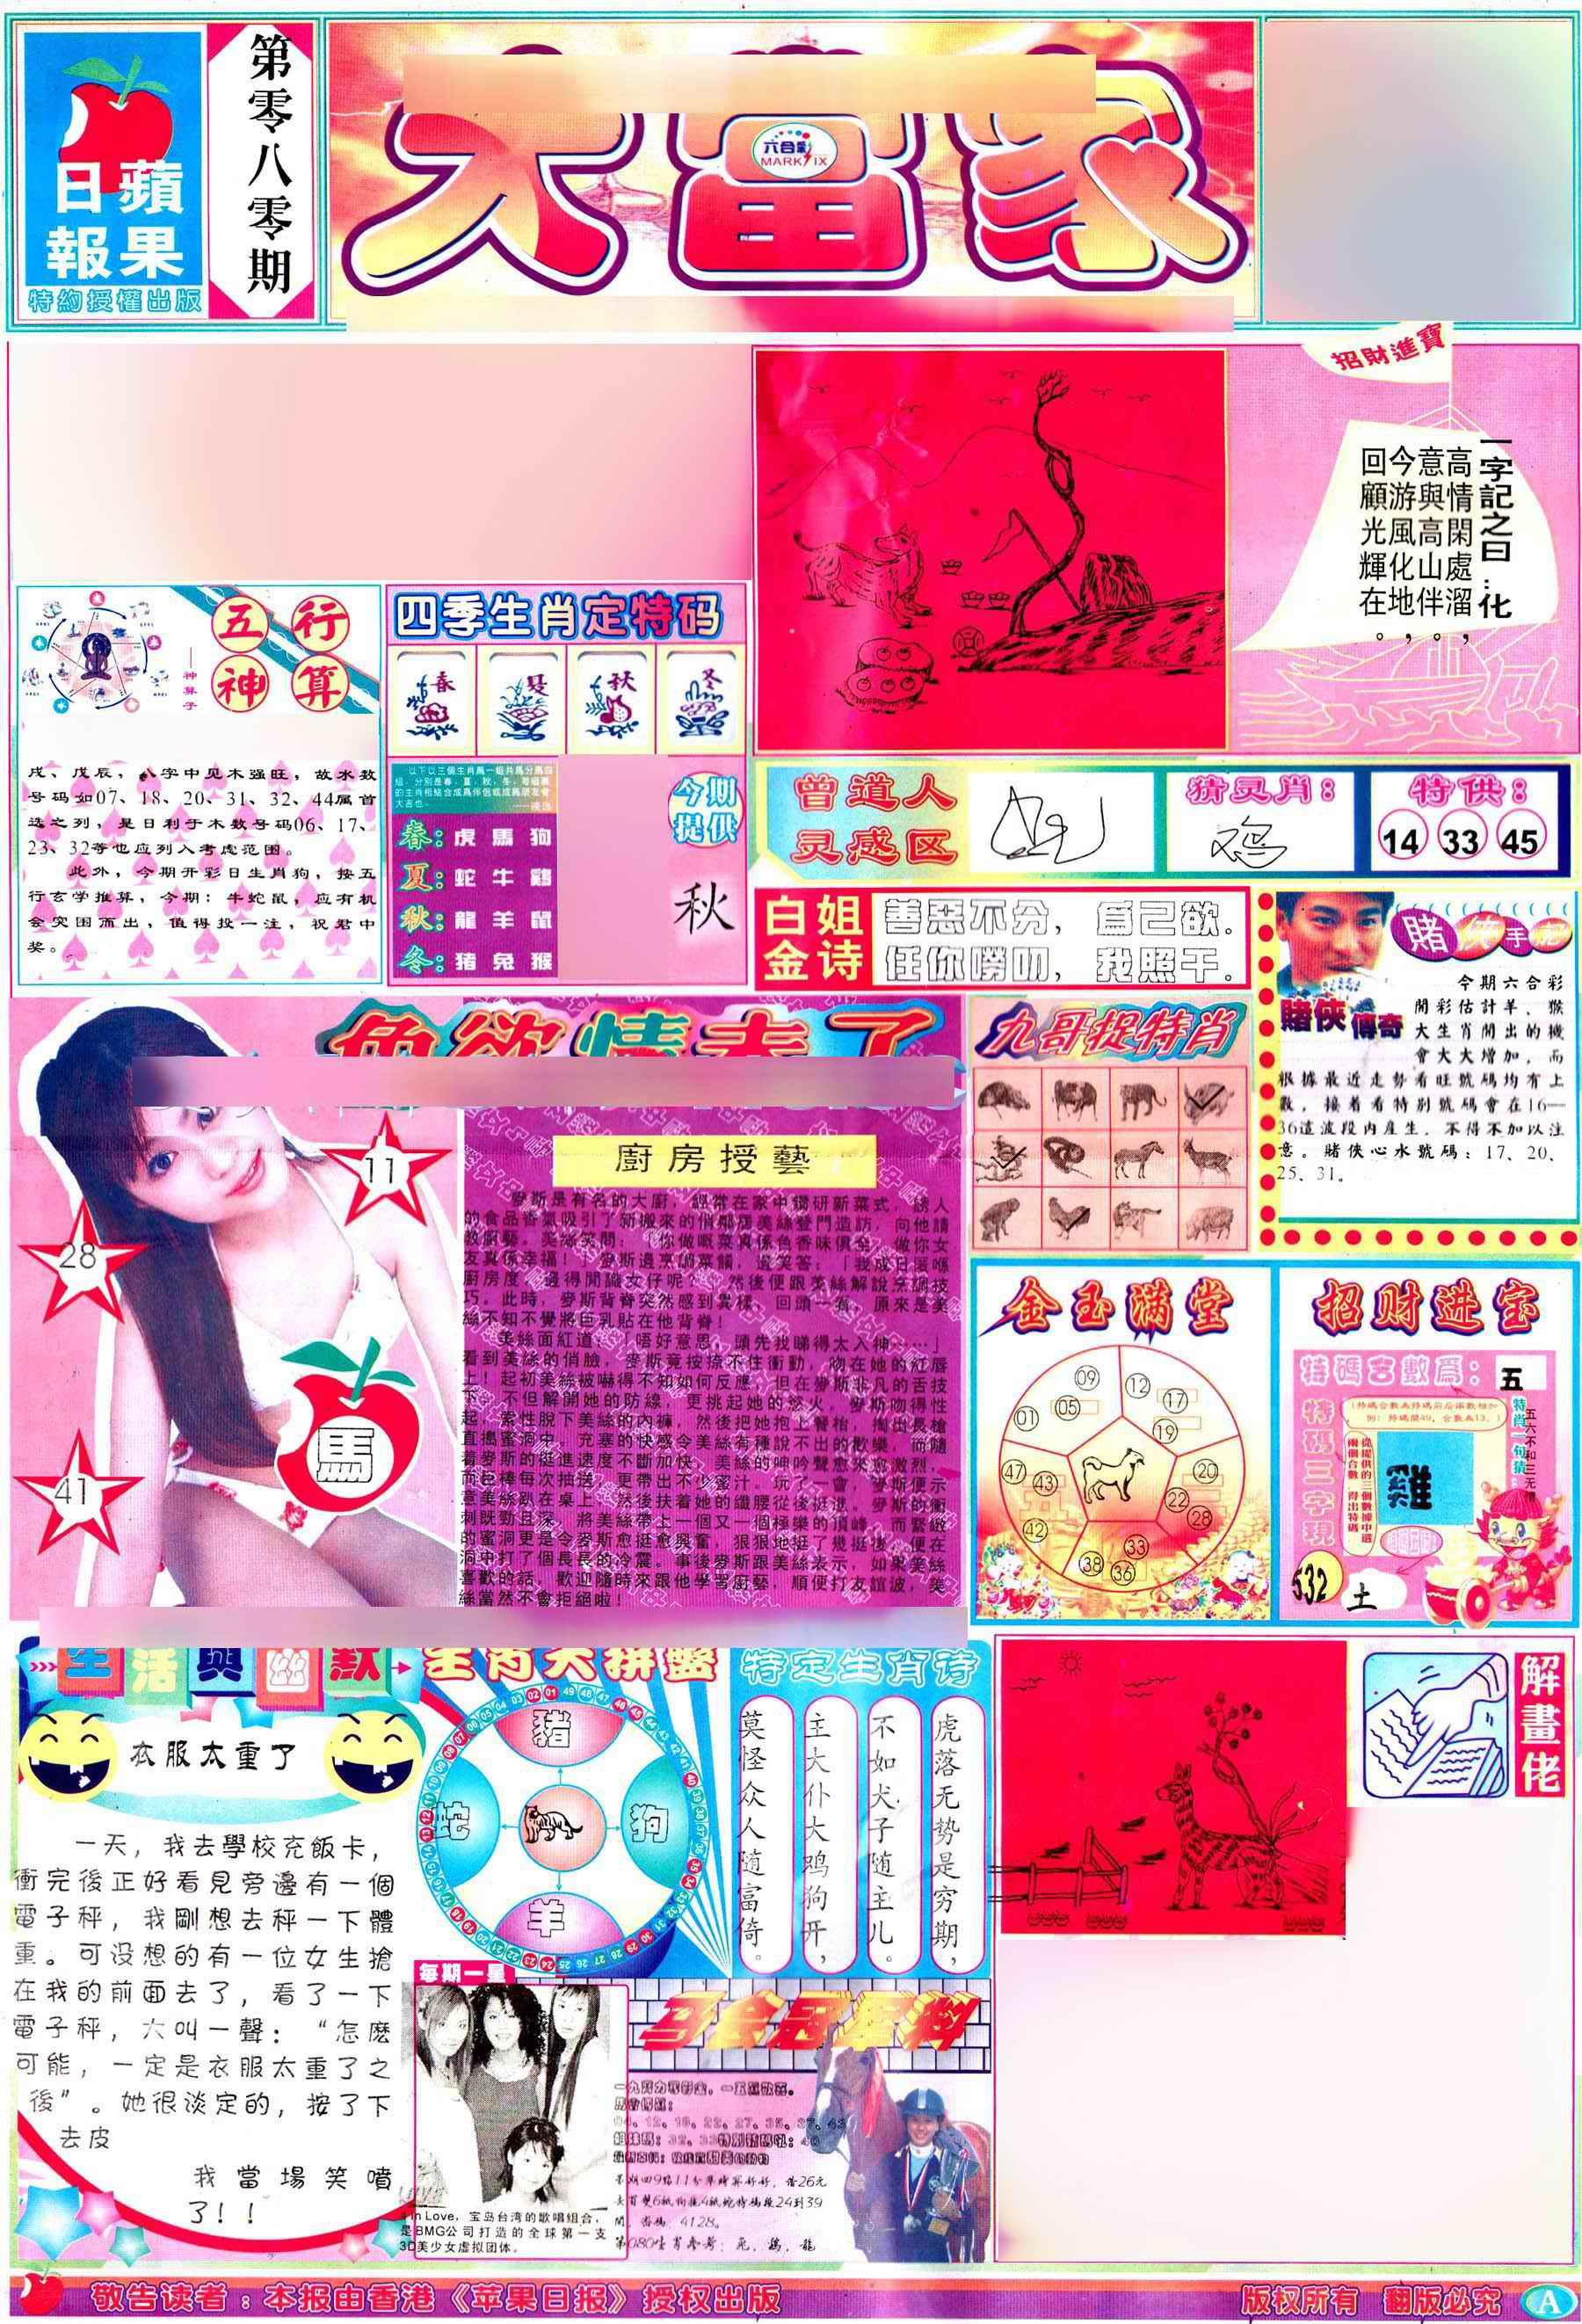 080期彩卷后庄A(保证香港版)